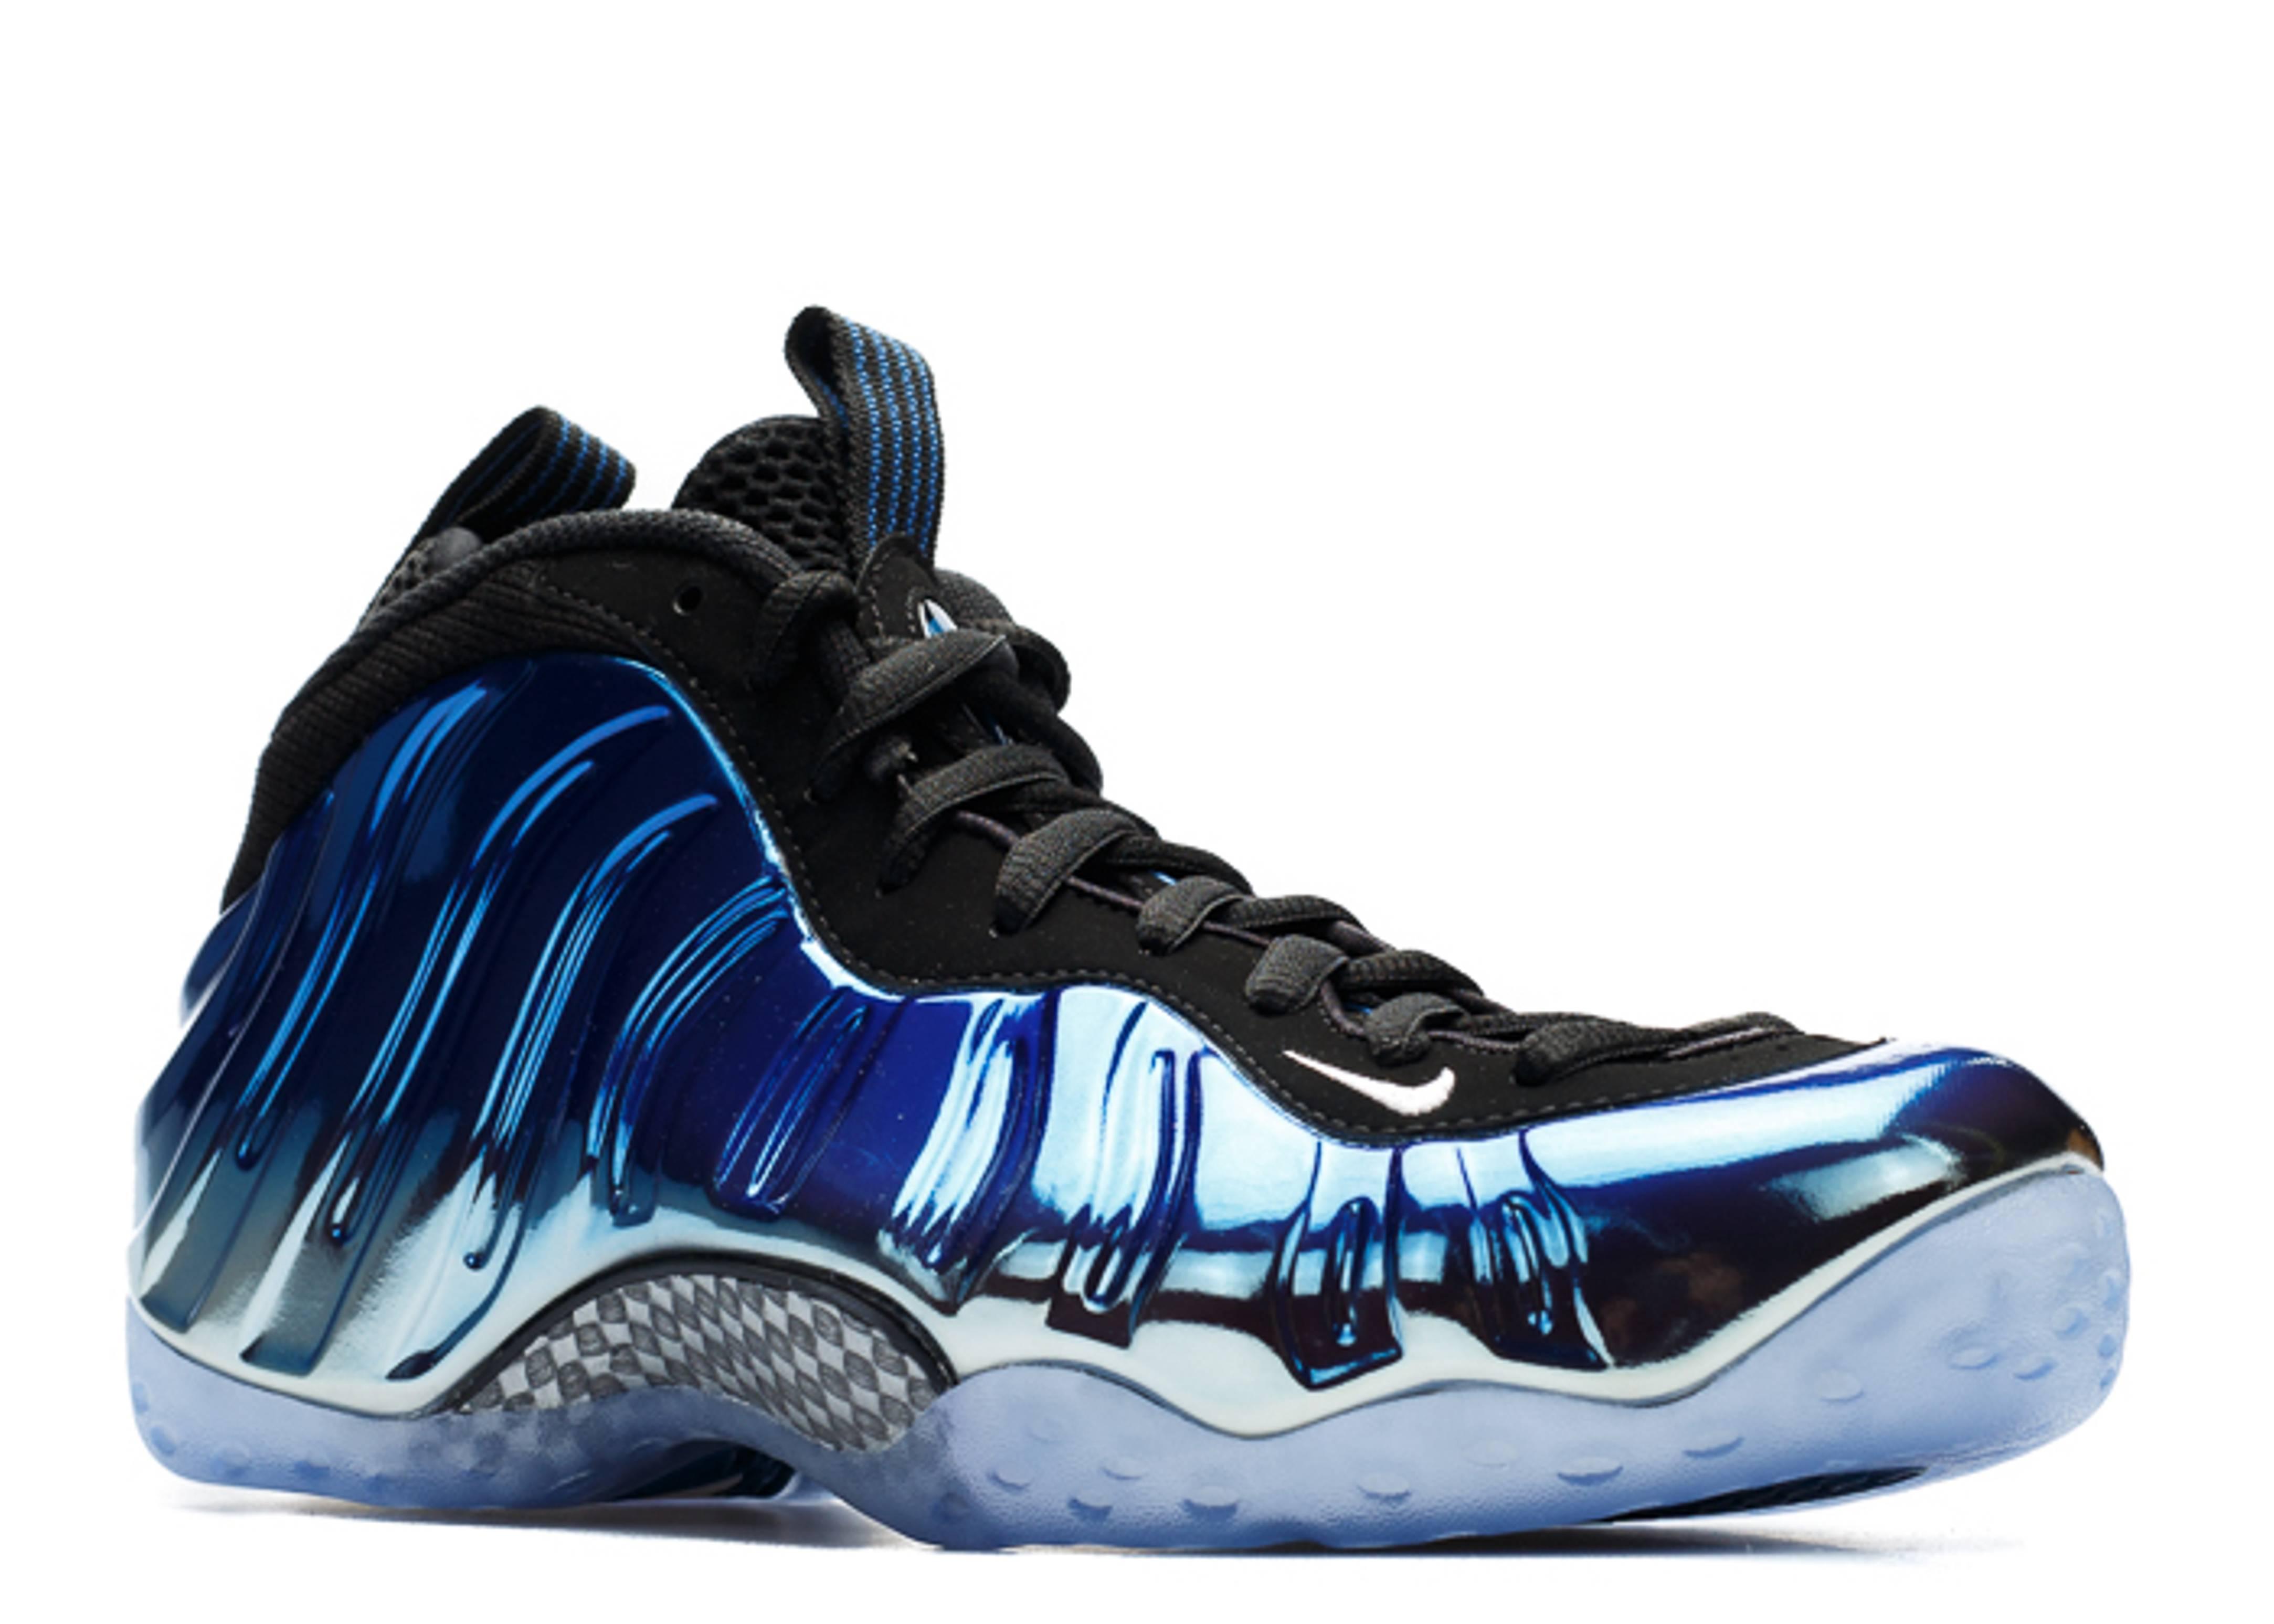 Nike Foamposite Blue Mirror